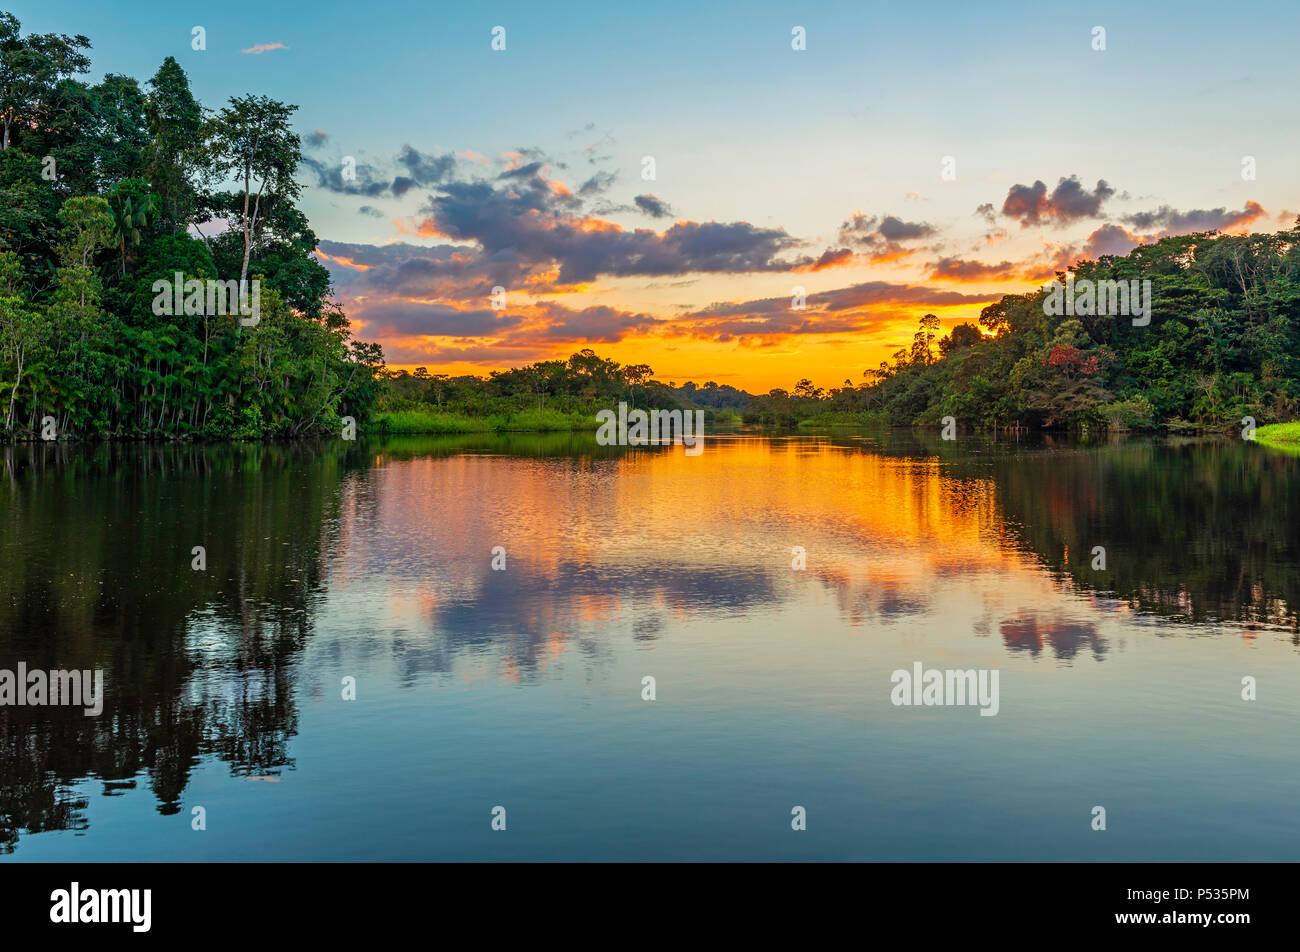 Reflejo de una puesta de sol en la Cuenca Amazónica. Los países de Brasil, Bolivia, Colombia, Ecuador, Perú, Venezuela, Guyana y Suriname. Imagen De Stock